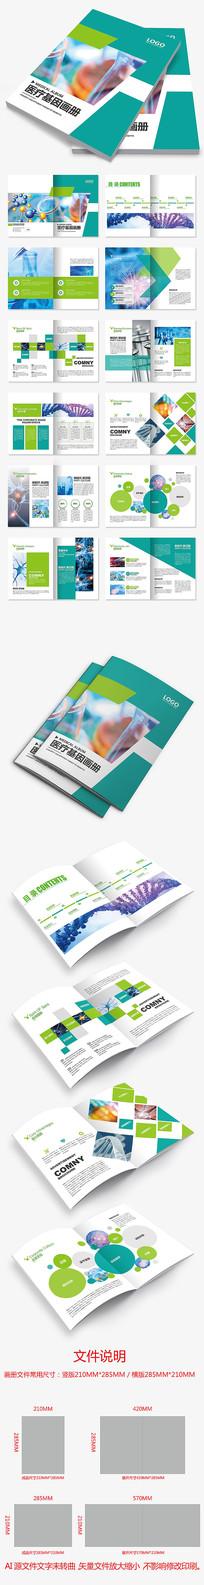 绿色生物基因病毒科技医疗实验医疗画册